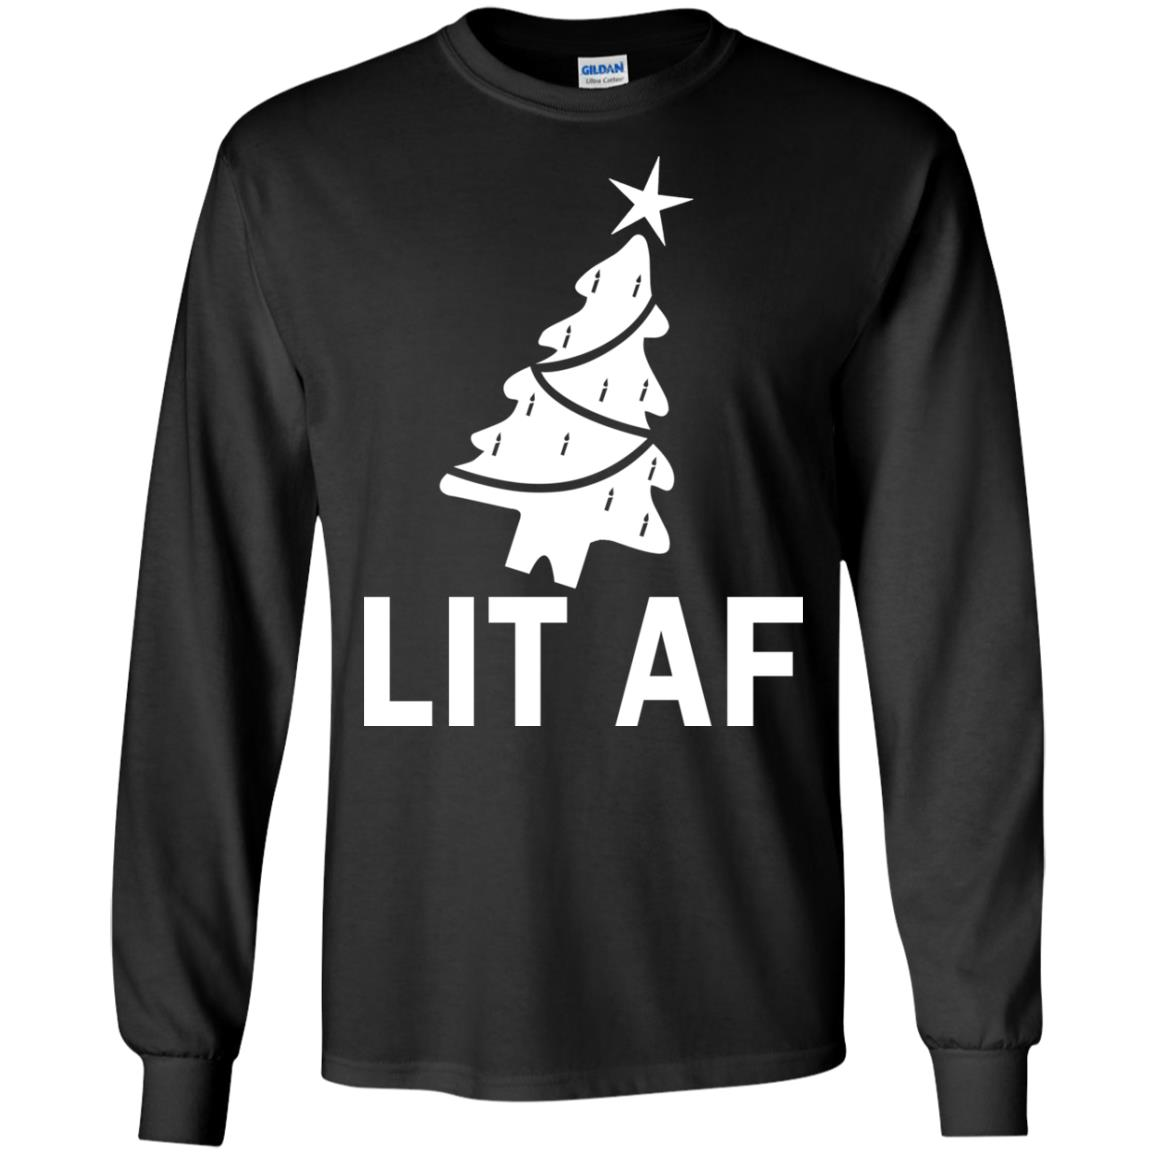 image 2359 - LIT AF Christmas Ugly Sweatshirt, Long Sleeve